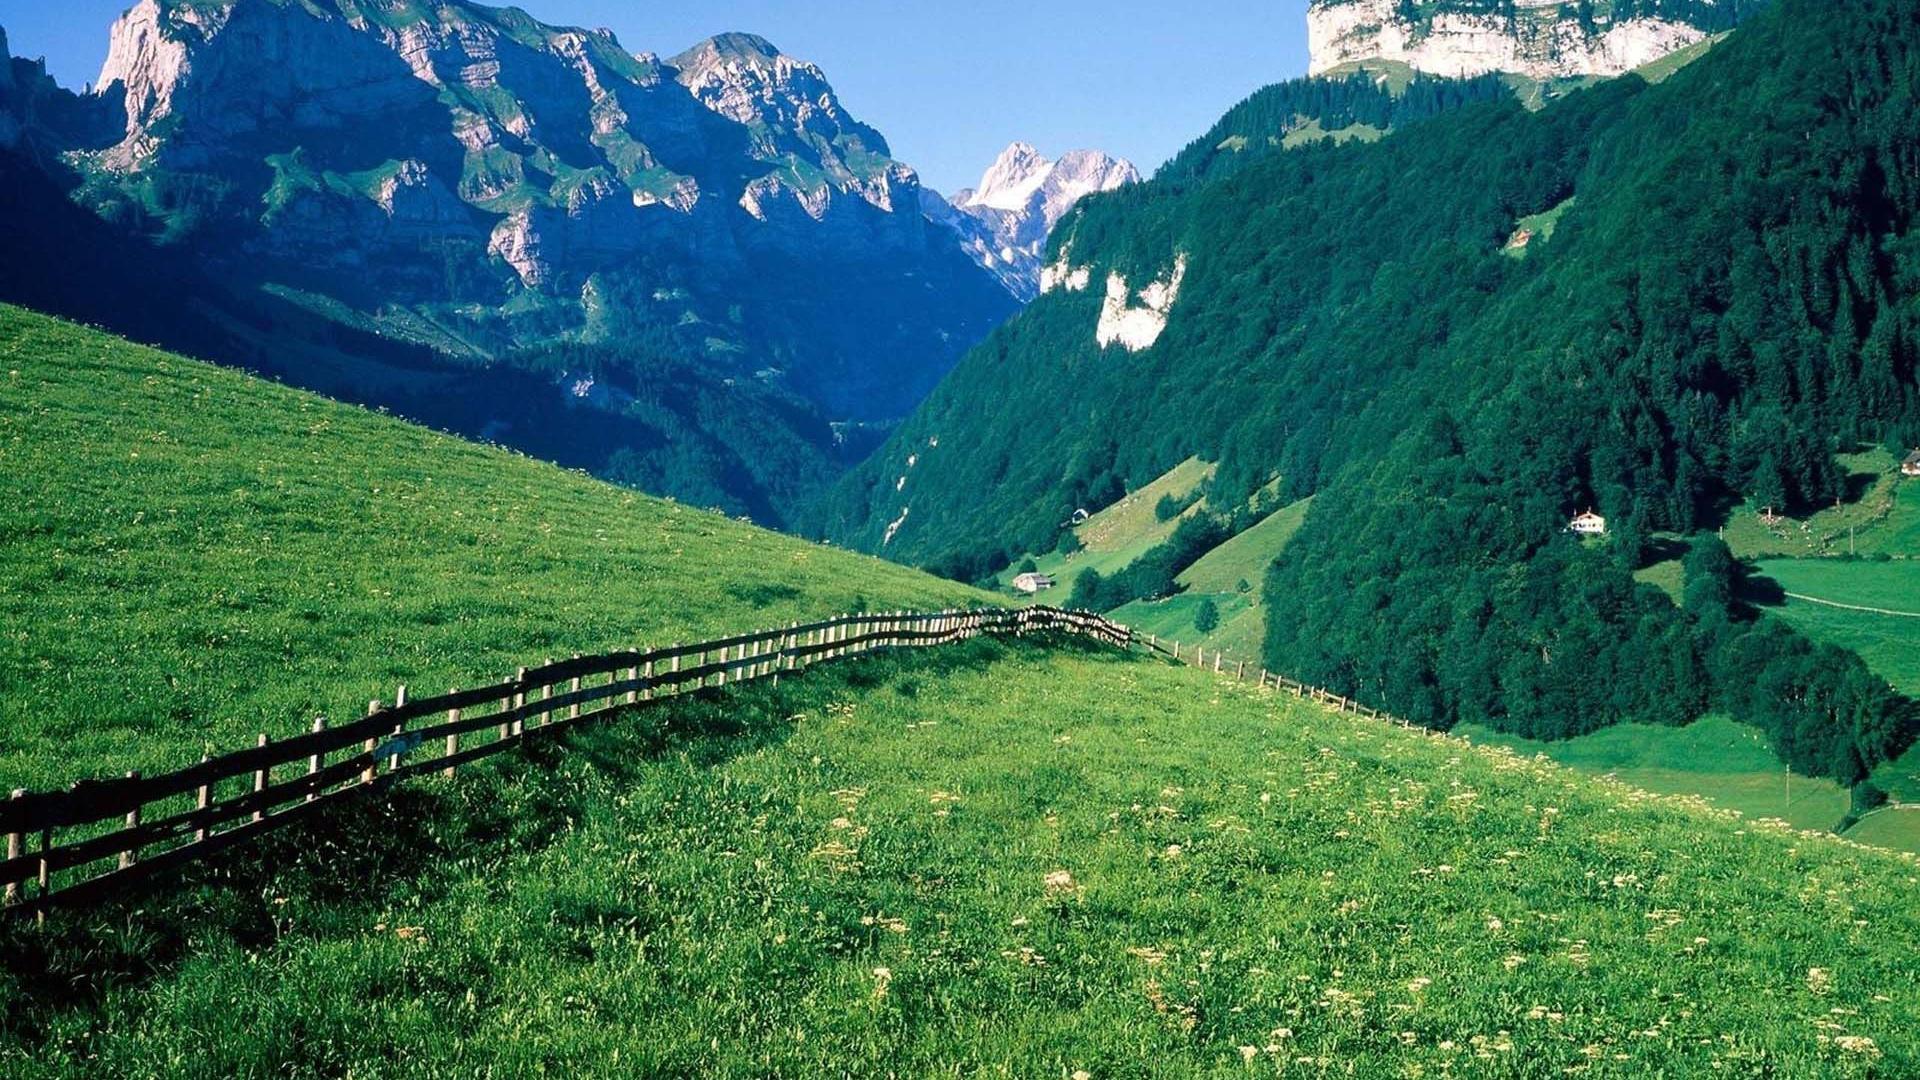 Hd Wonderful Swiss Alps Meadow Wallpaper Download Free